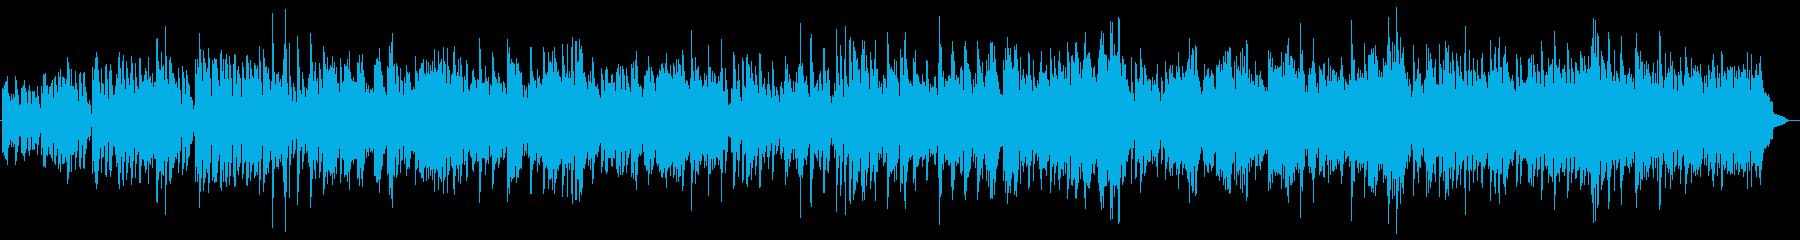 古い映像の背景に流れるクラシック調の再生済みの波形